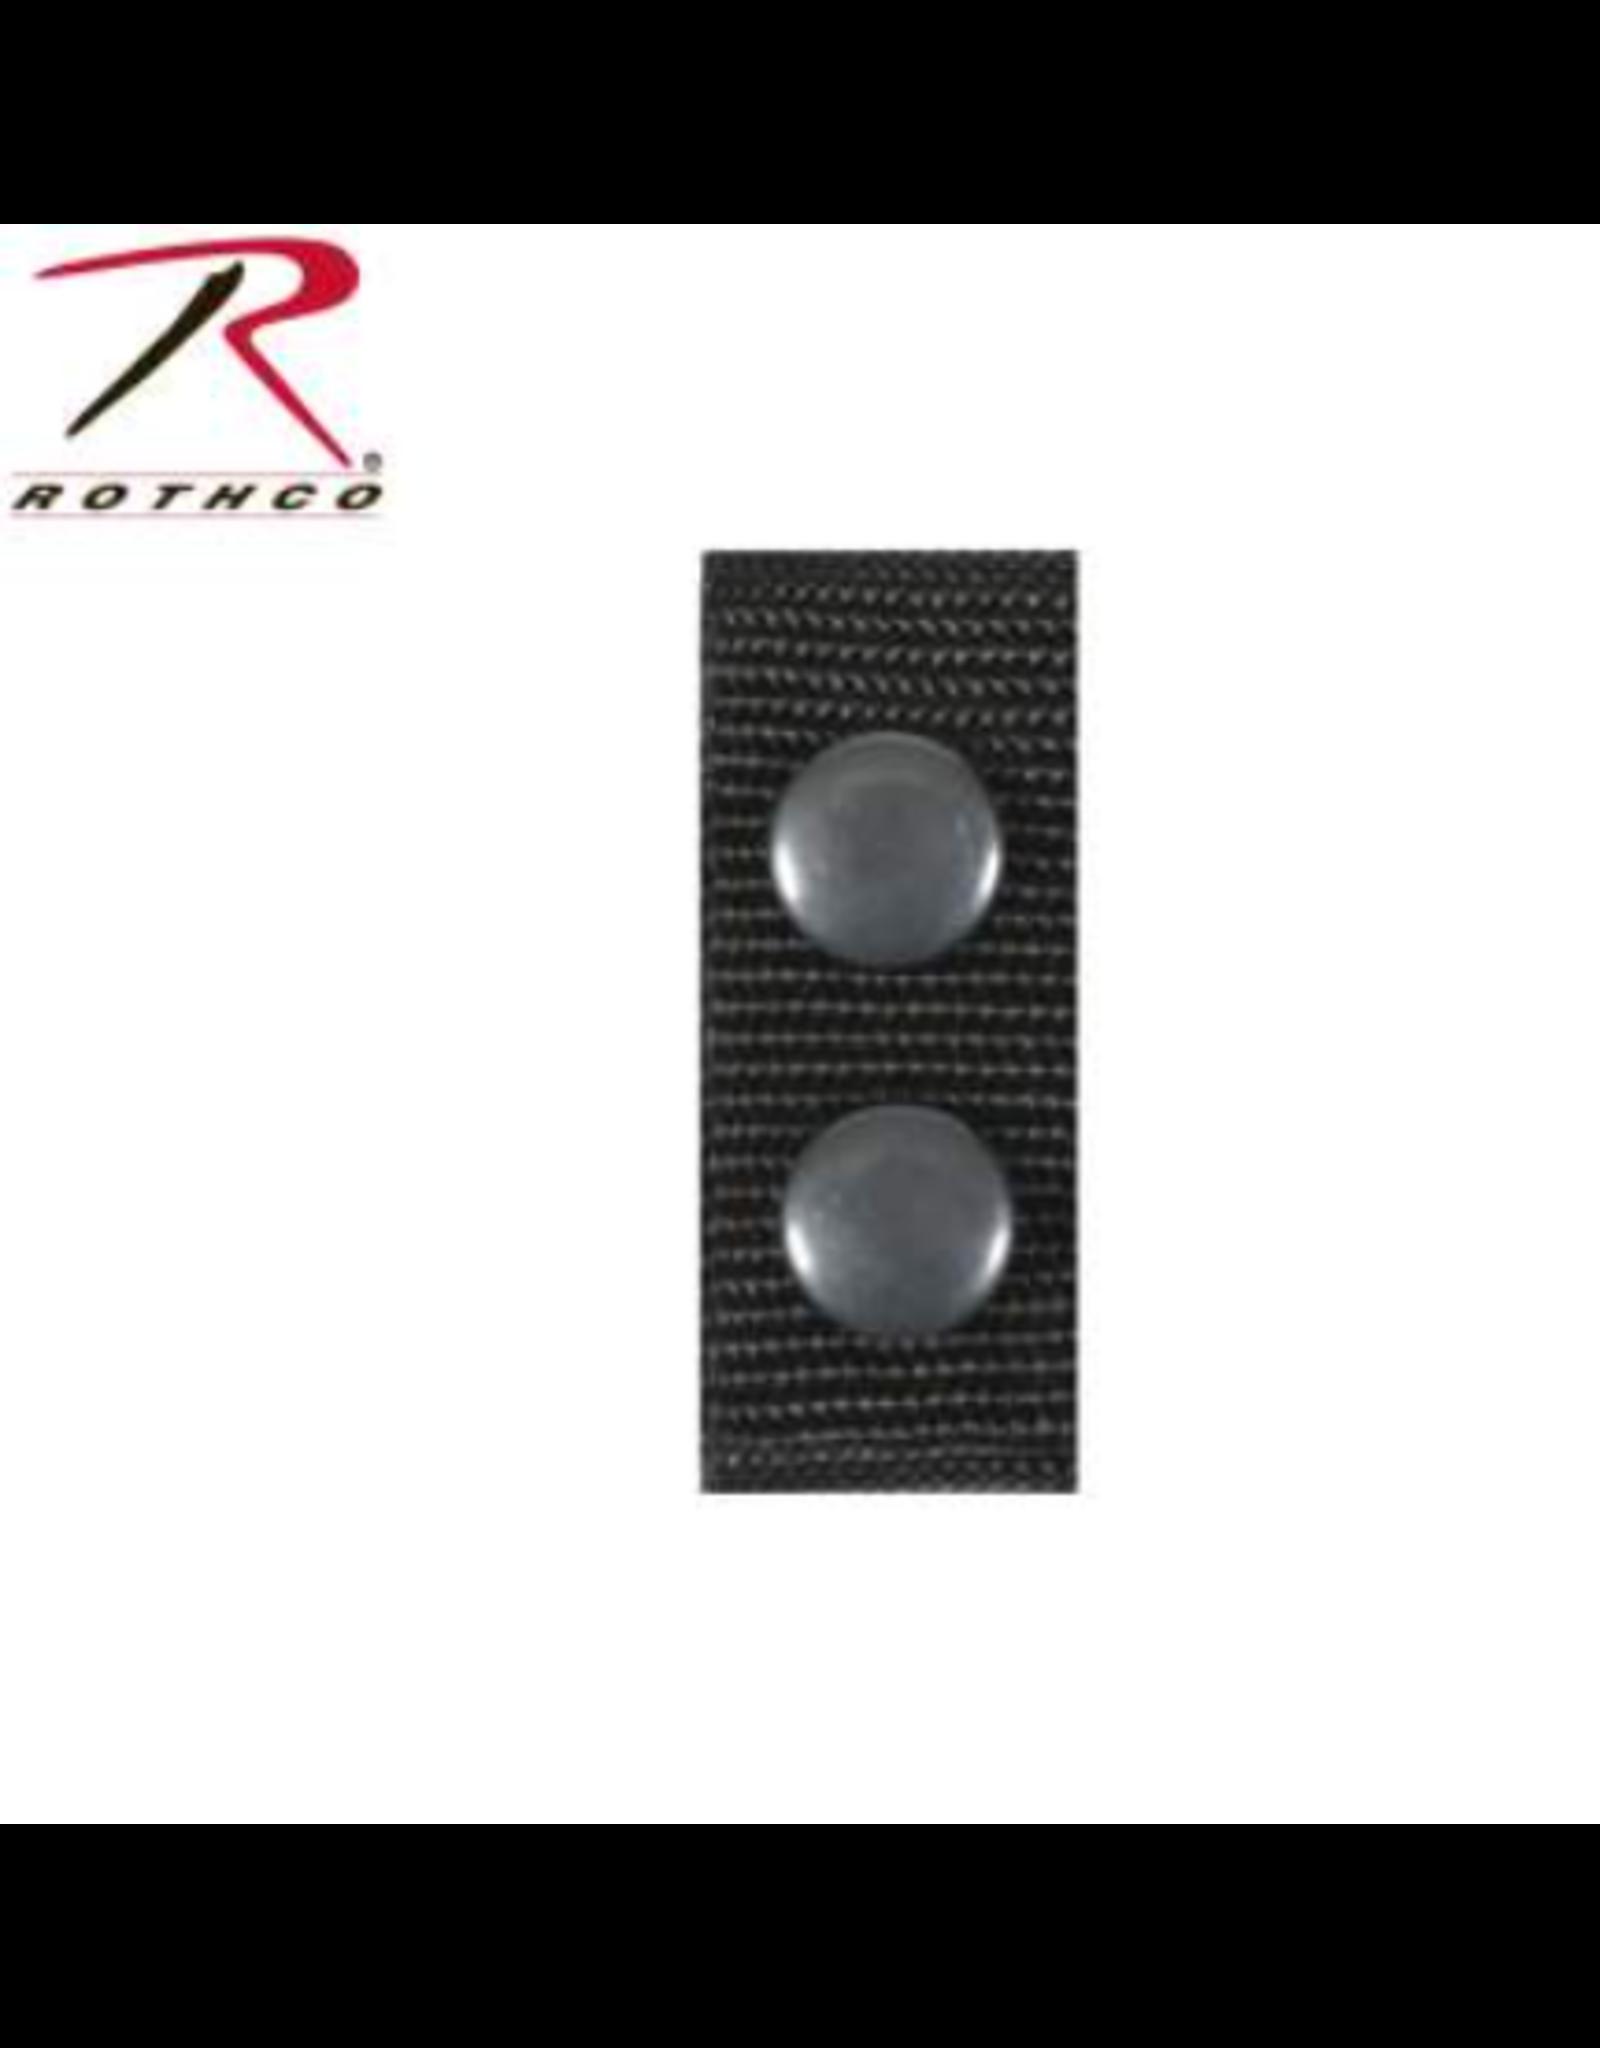 Rothco Rothco Ballistic Belt Keepers